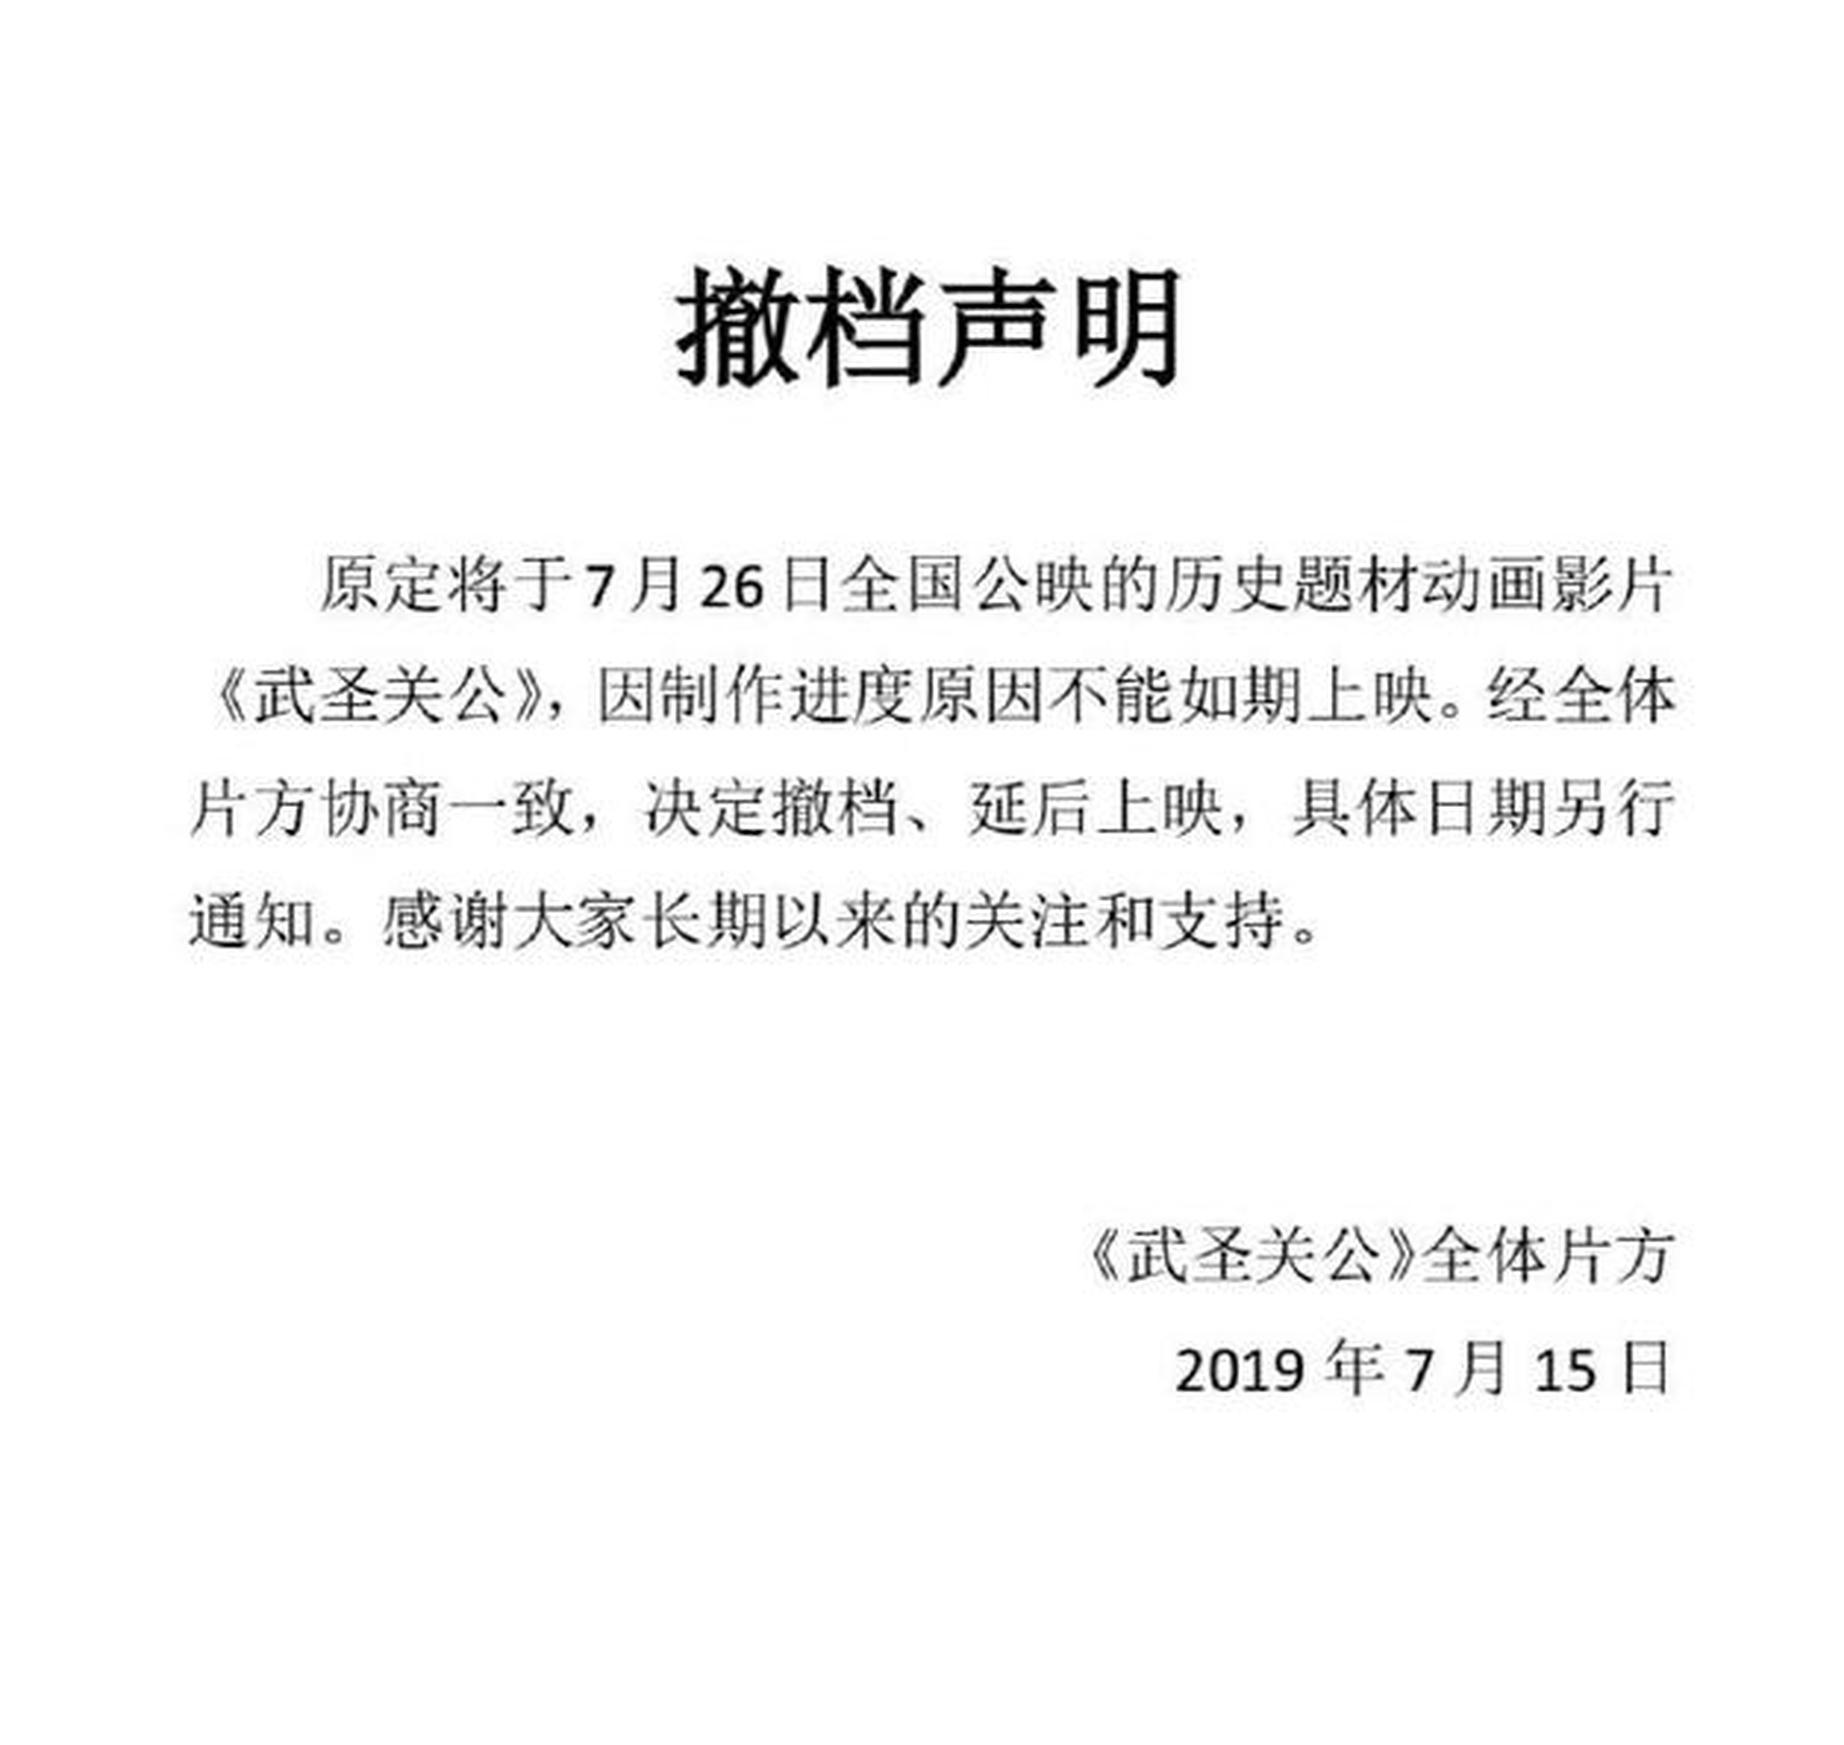 国漫《武圣关公》撤档延后上映 片方发布声明